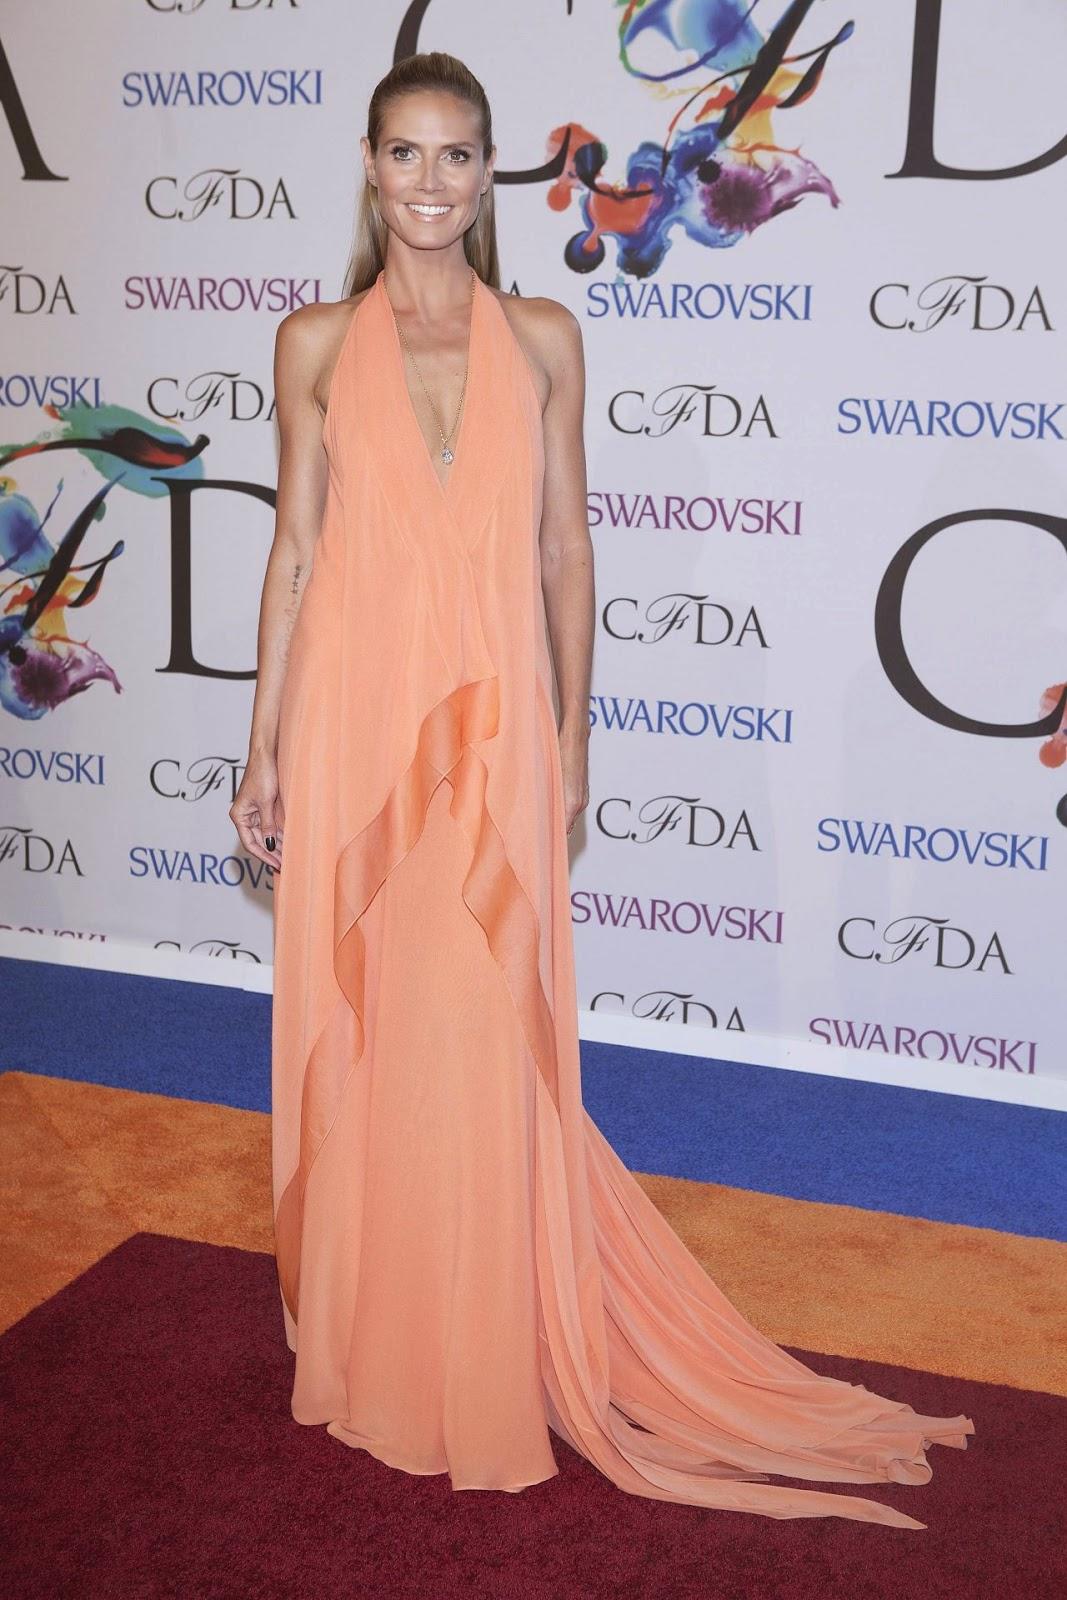 Heidi Klum wears Donna Karan to the 2014 CFDA Fashion Awards